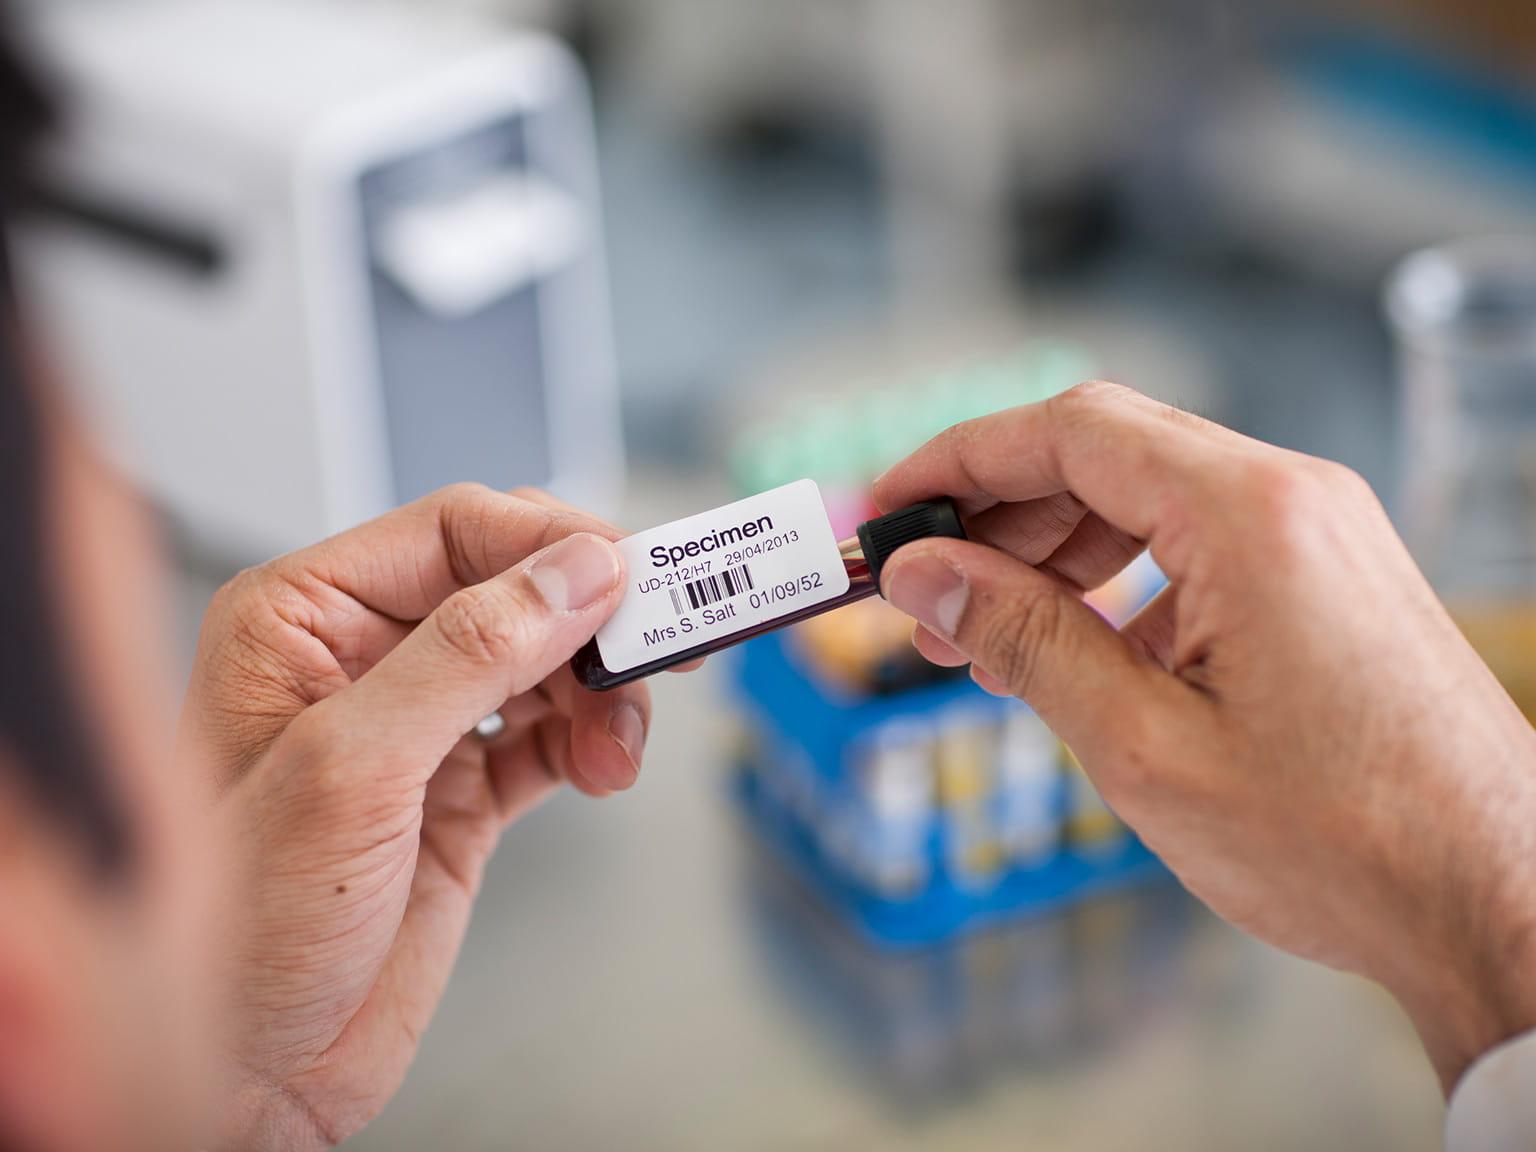 Blood sample label